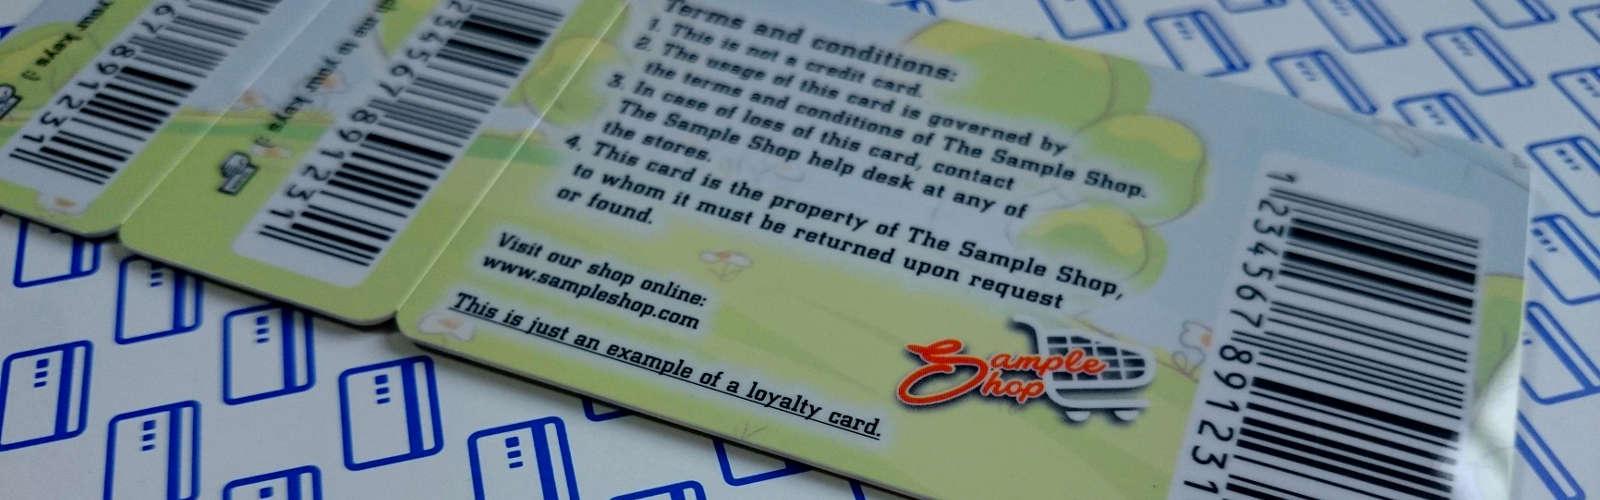 Karta lojalnościowa z breloczkami i kodem kreskowym